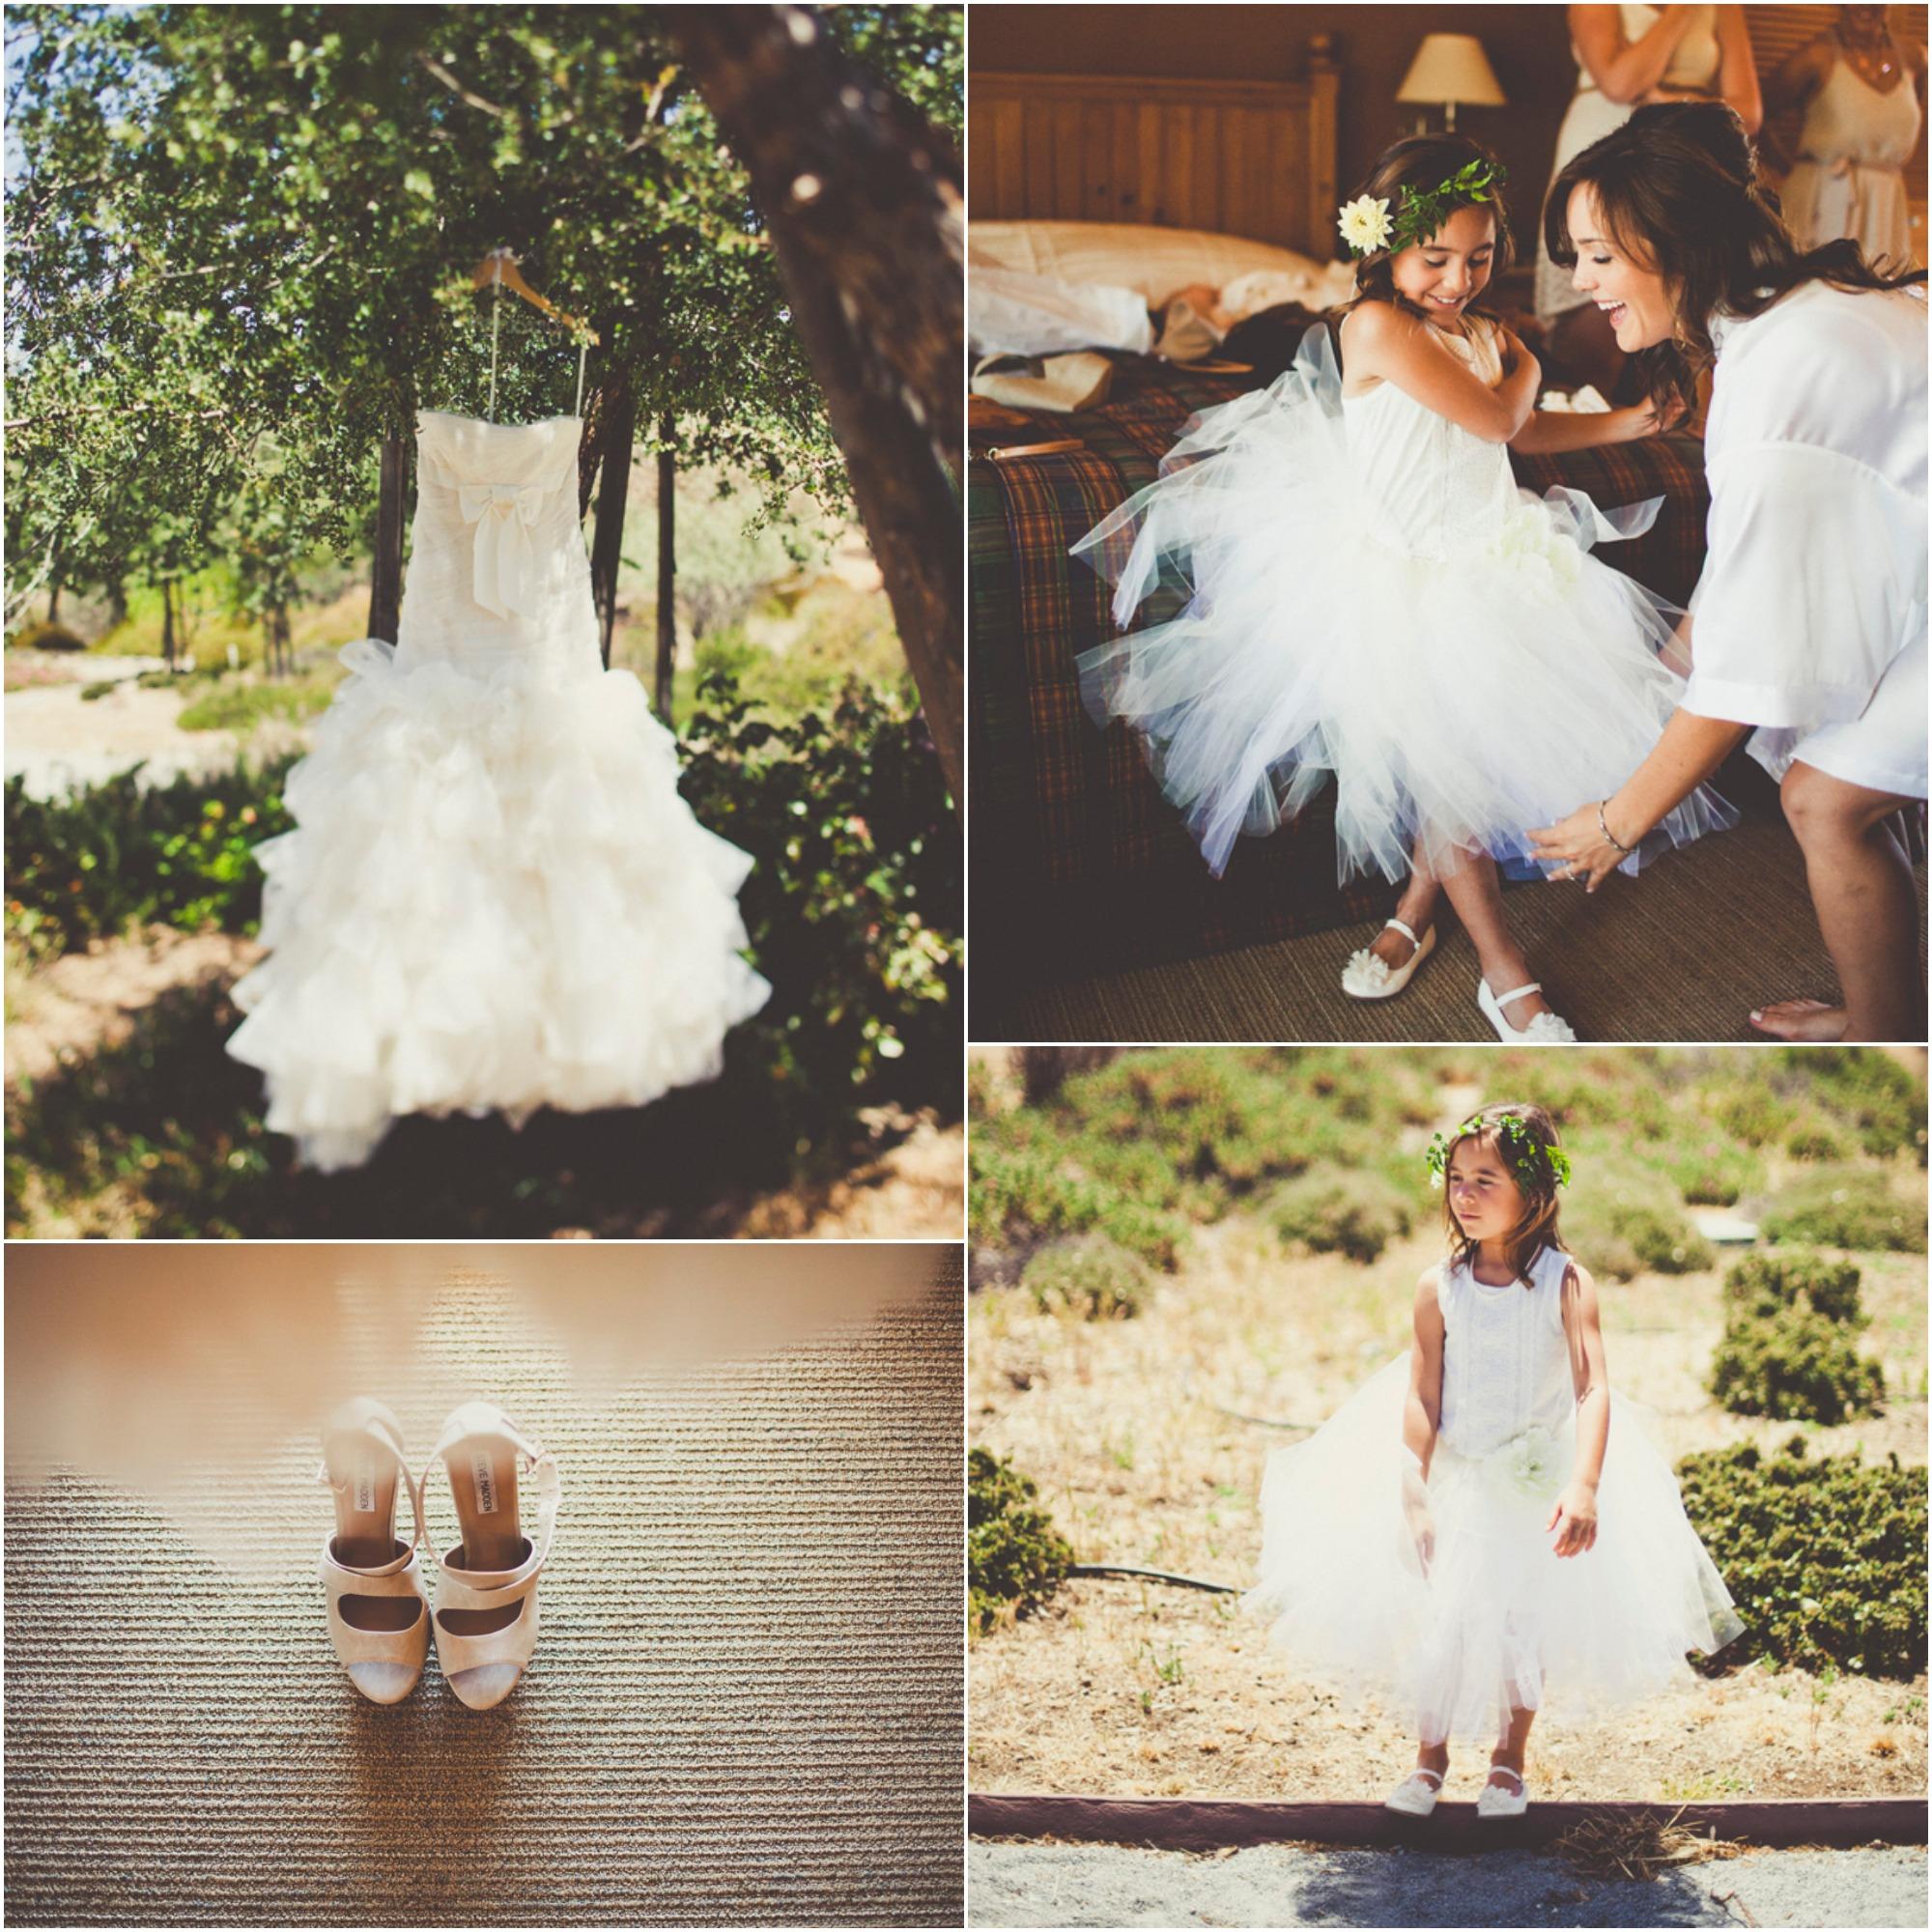 Elegant Rustic Wedding Ideas: Elegant Rustic Barn Style Wedding